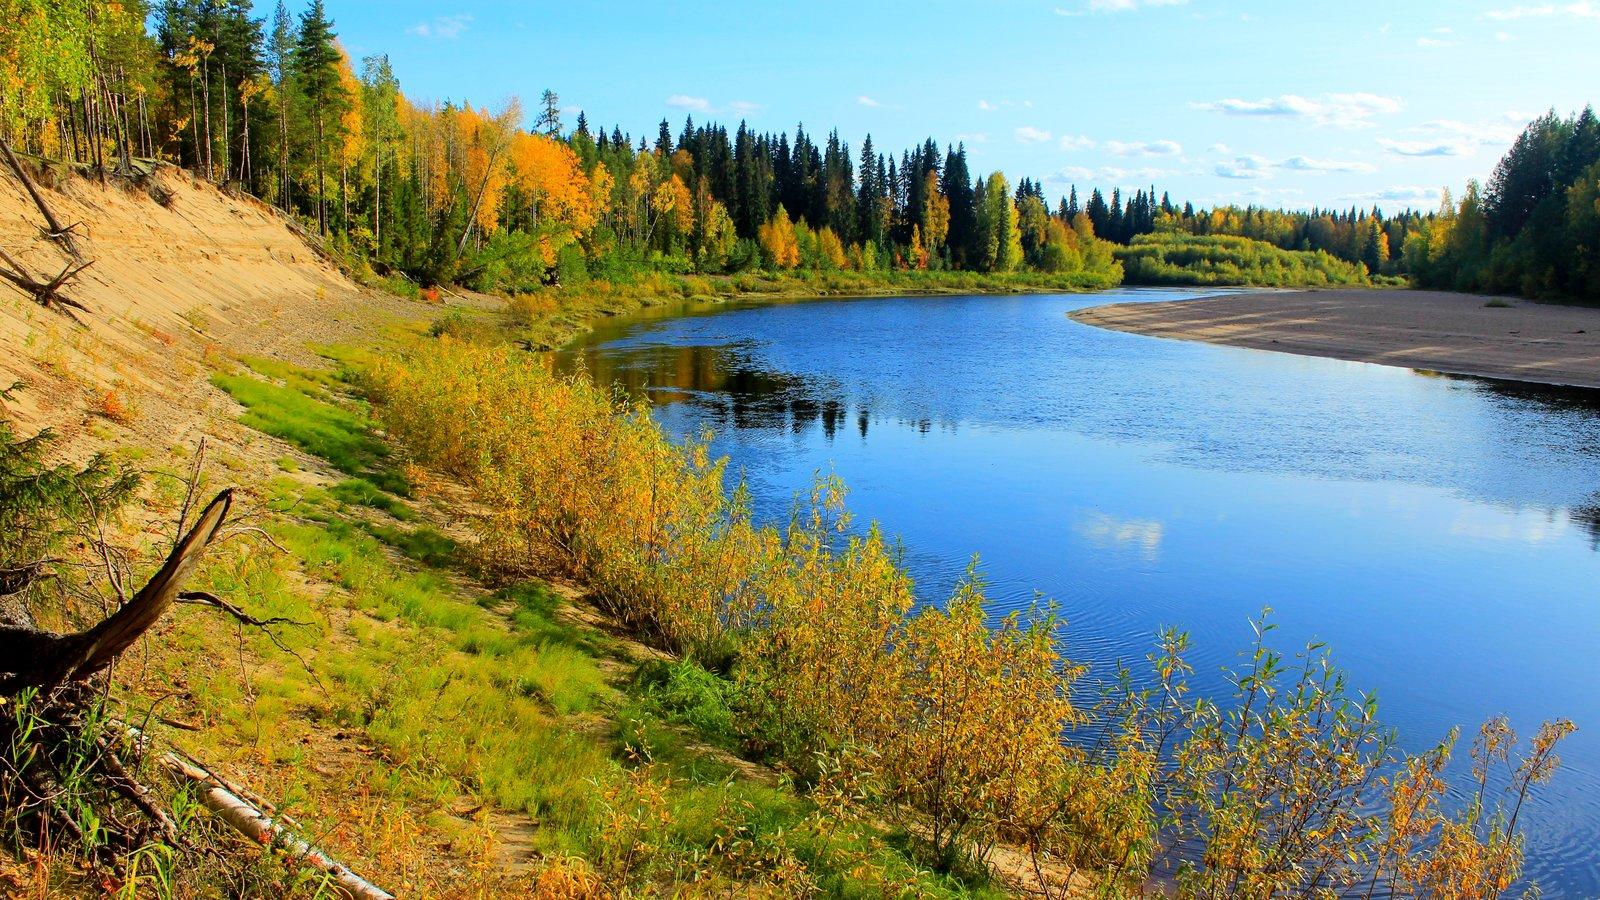 У реки. Осень.JPG